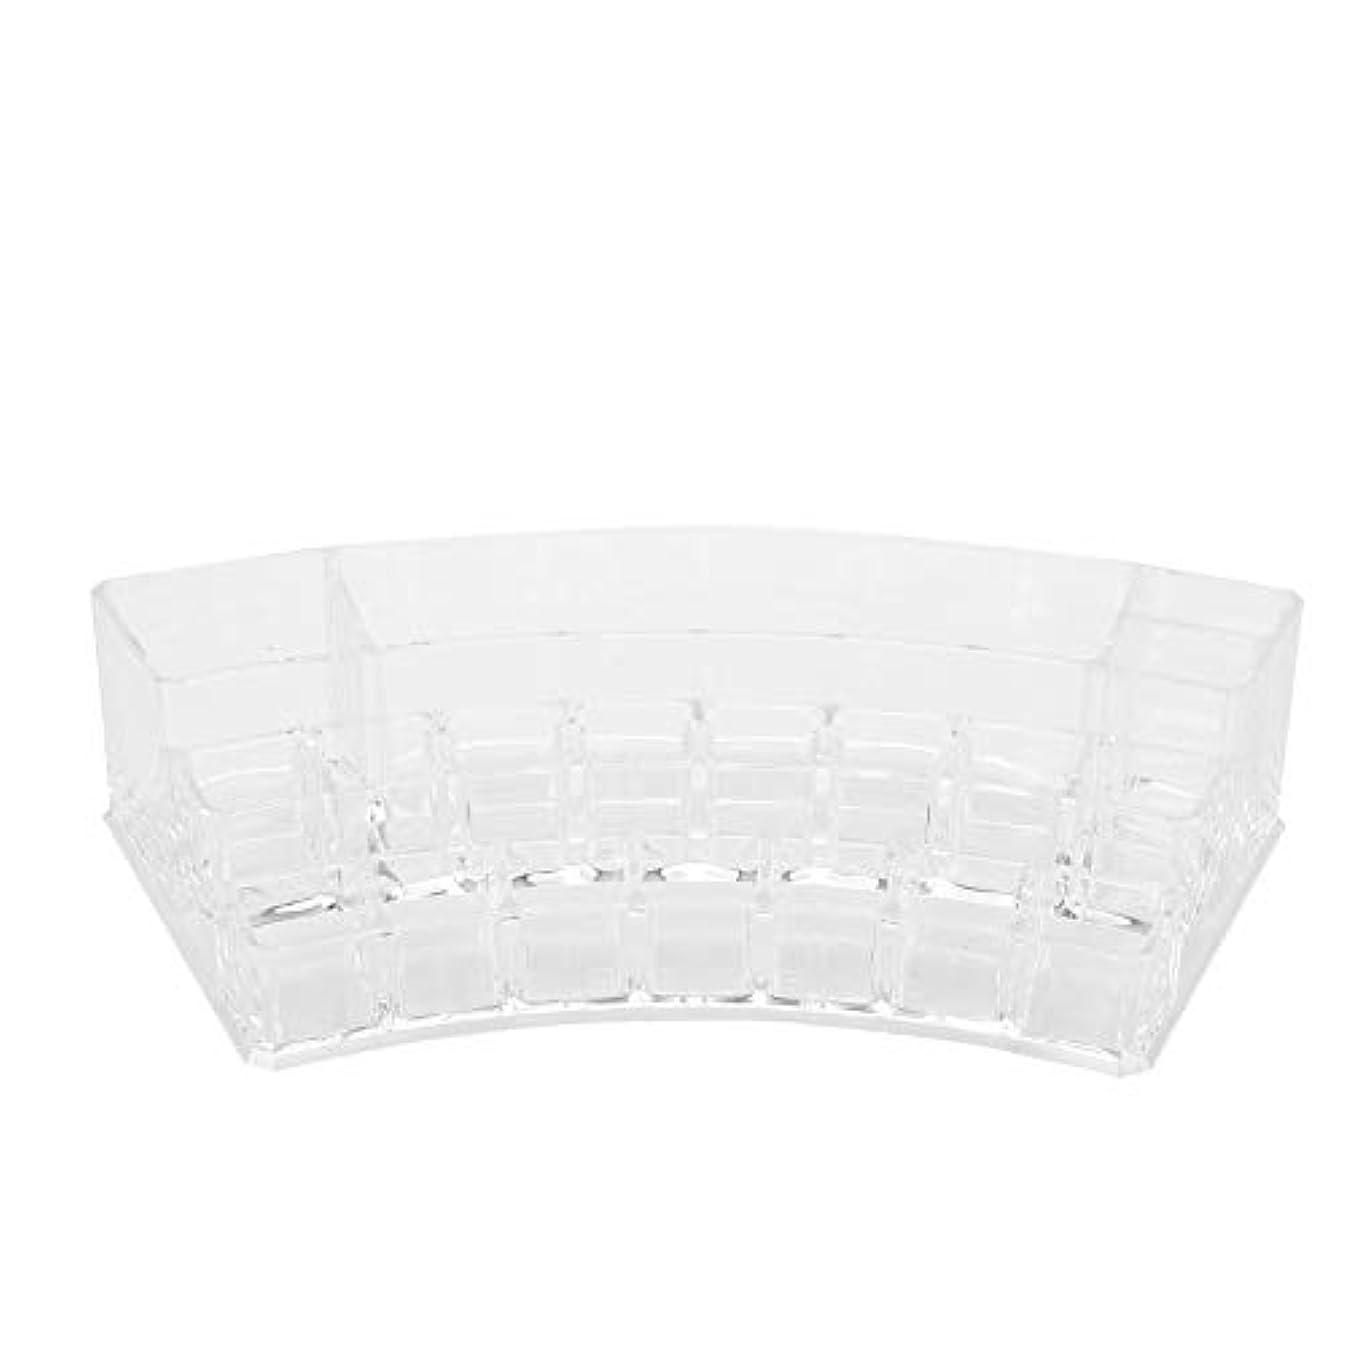 行為メドレー正確な19グリッドプラスチック収納ボックス - ディスプレイケースネイルアートタトゥーツールオーガナイザー化粧品ディスプレイ